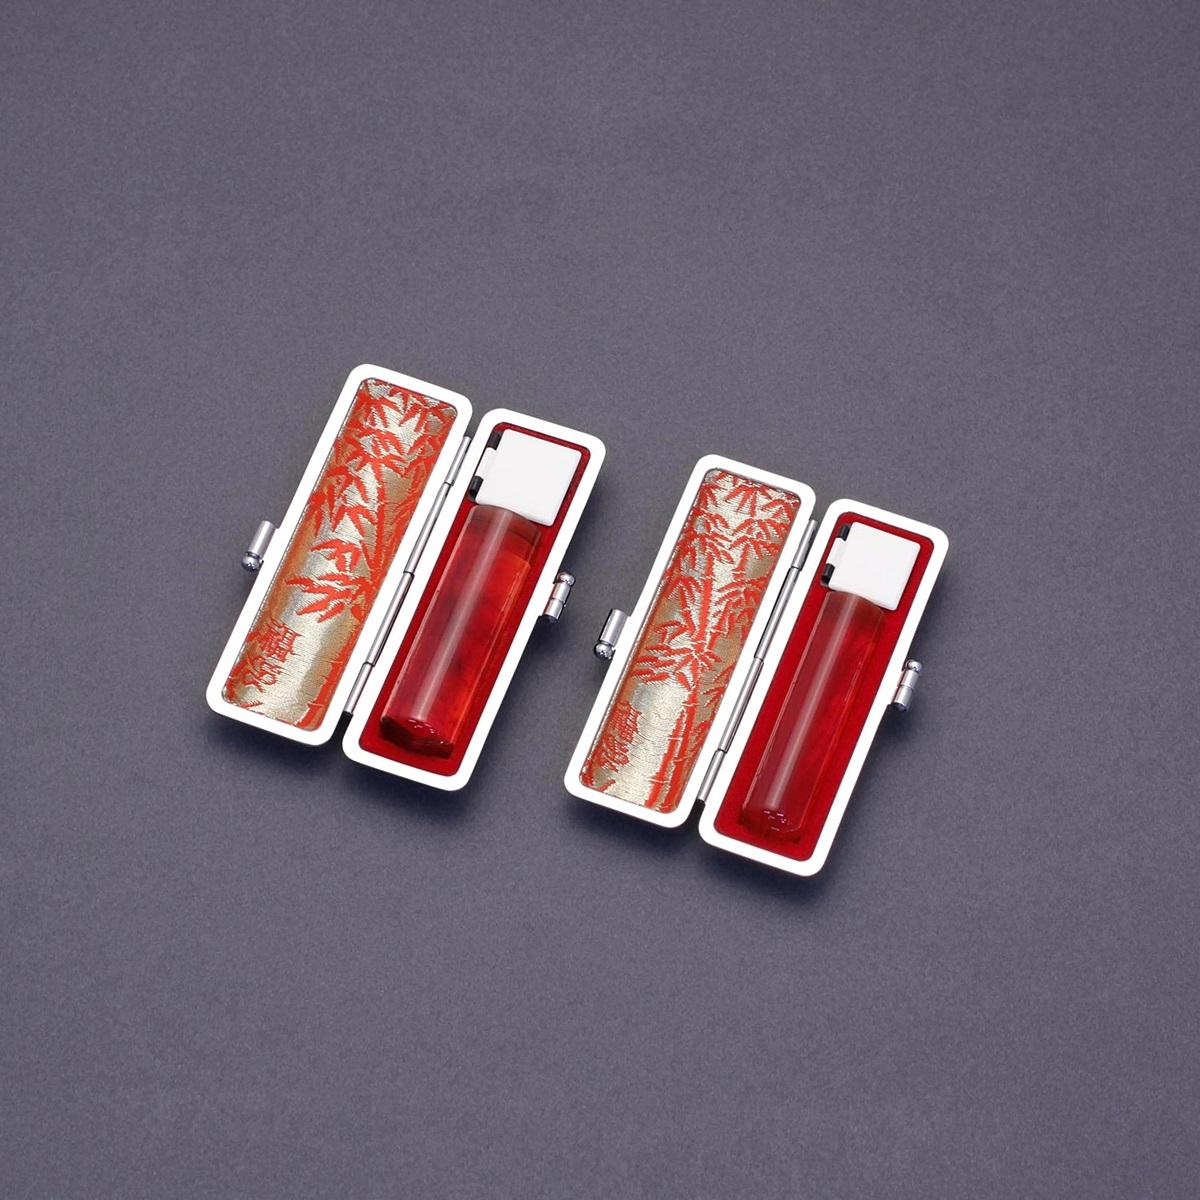 印鑑 セット 2本/実印 銀行印 セット/高級エンボスケースx2個付/印鑑セット-L/琥珀/16.5mm13.5mm/印鑑10年保証付/印鑑プレビュー無料/トップクラスの匠-大周先生の美しい印影を匠の技で彫る超高級印鑑☆はんこ 実印 銀行印 セットキャンペーン